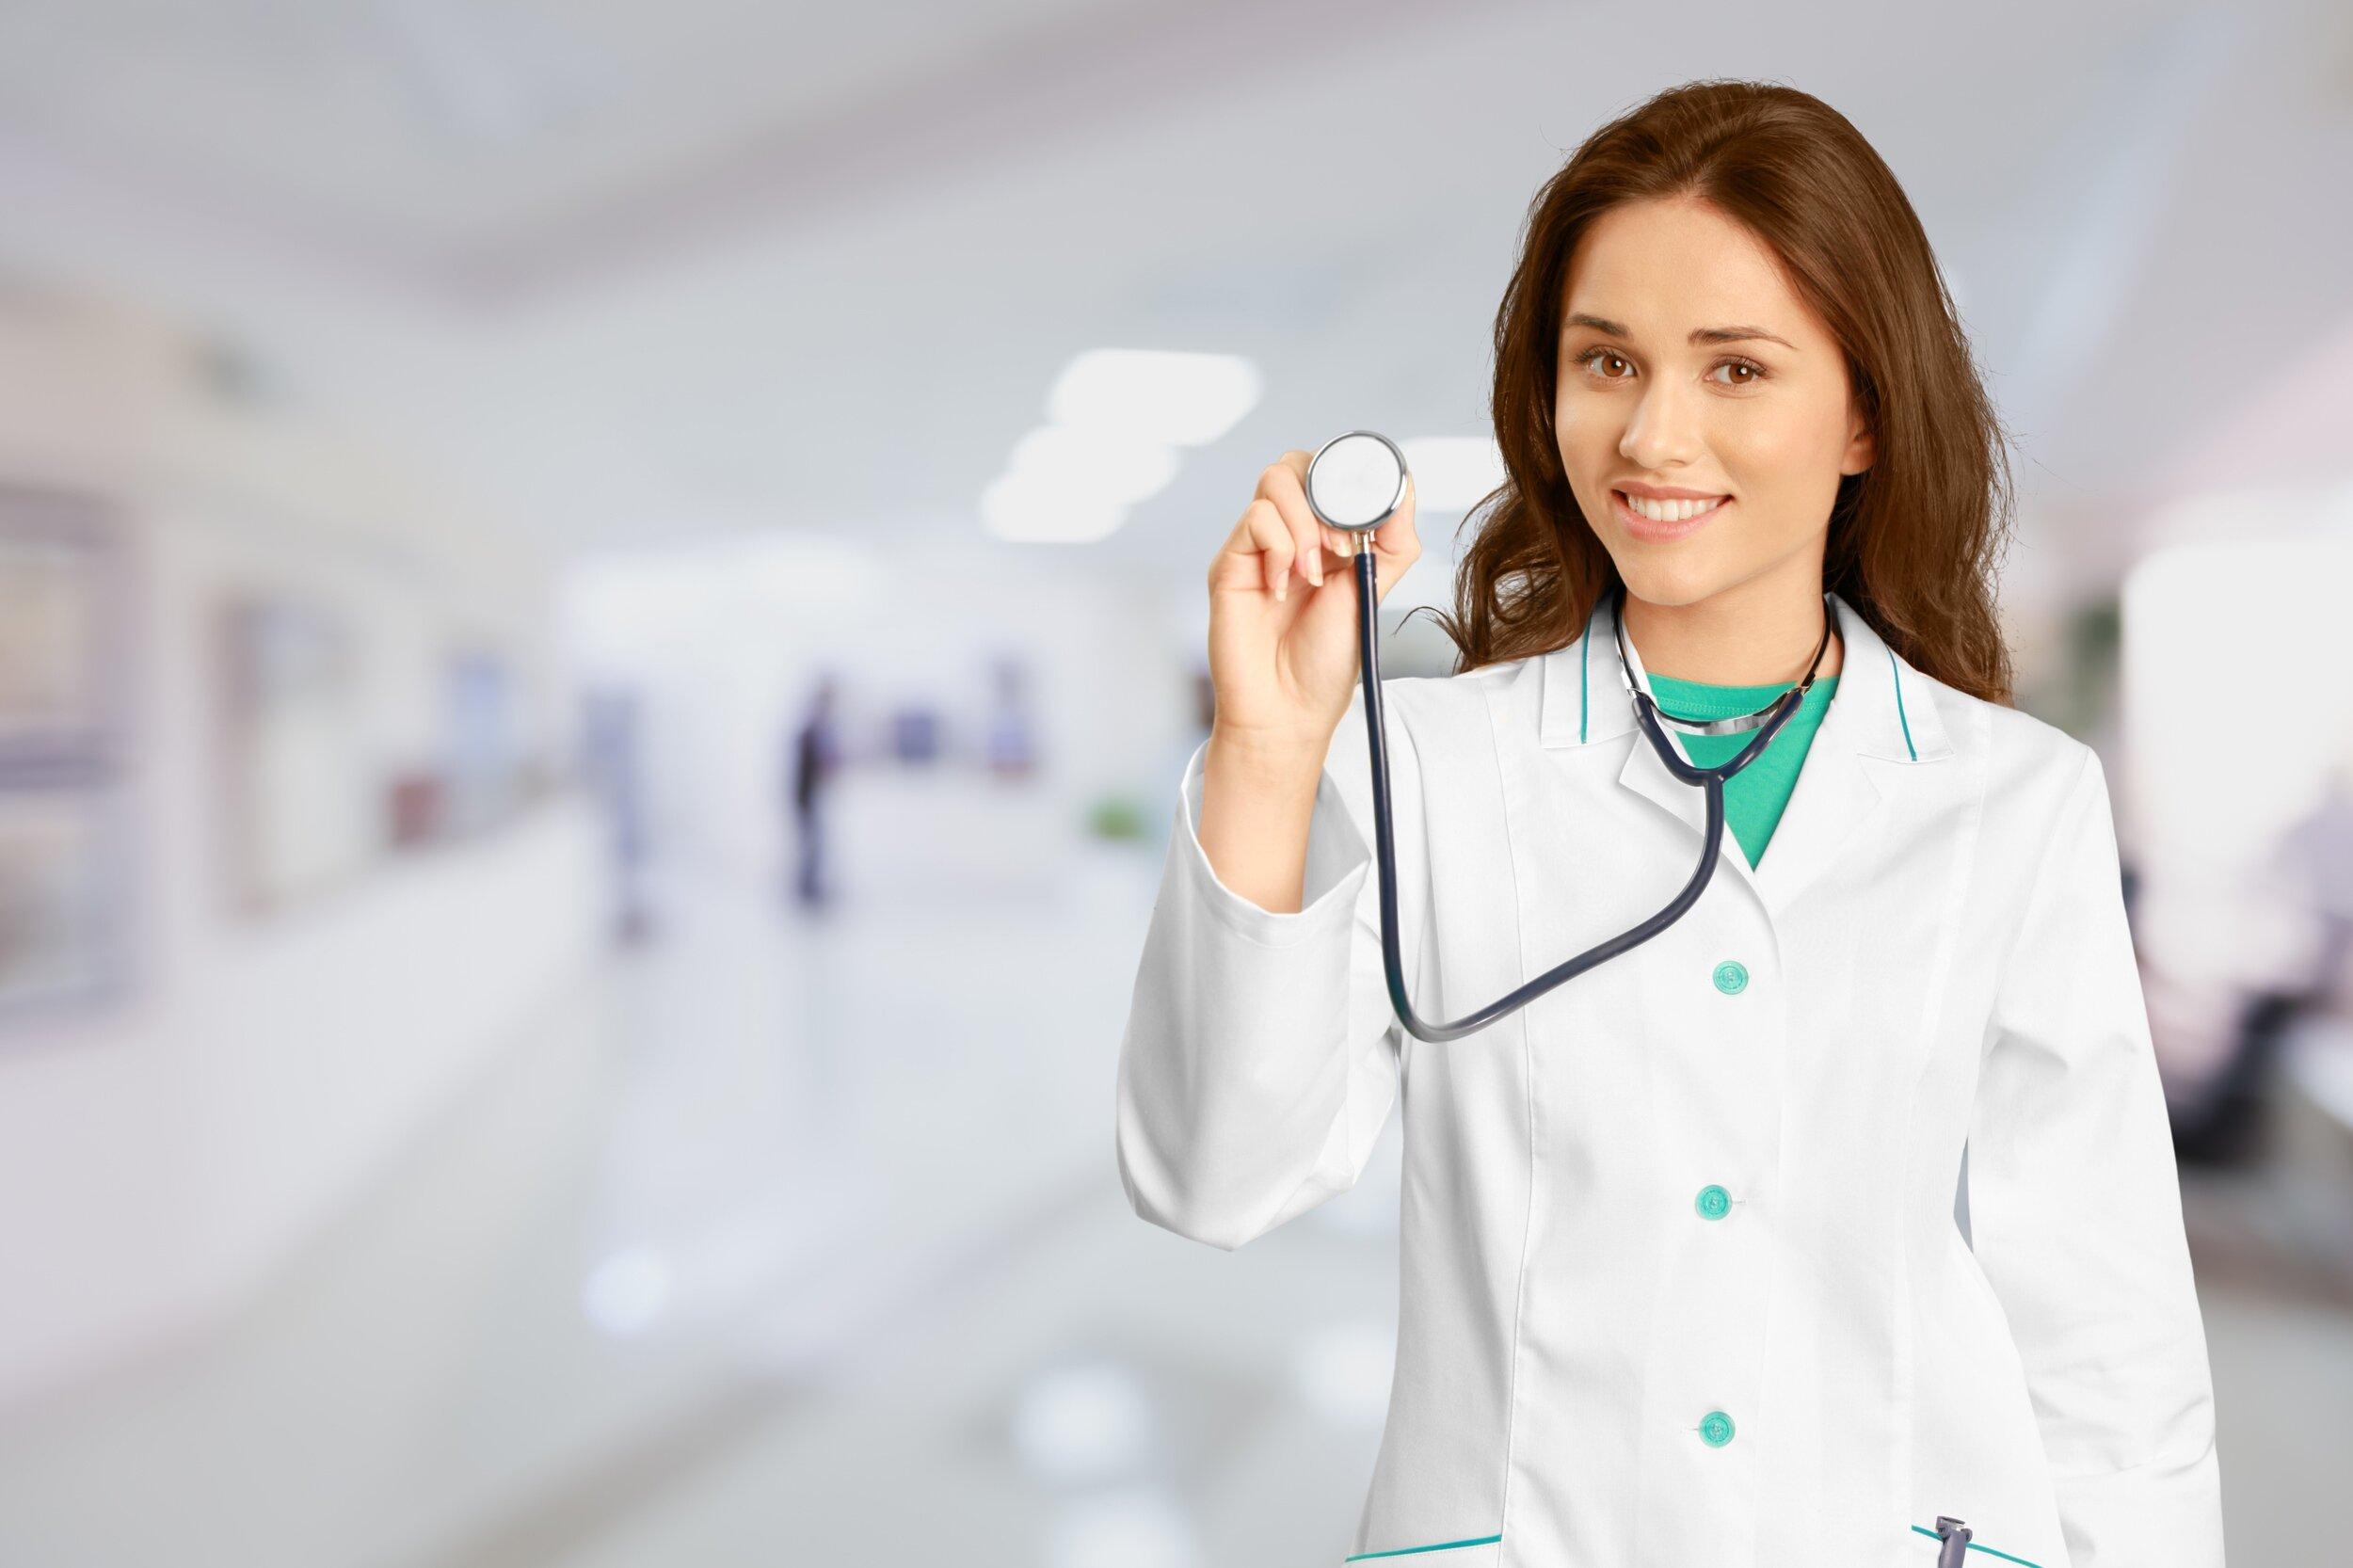 Пониженное артериальное давление: причины, симптомы, лечение